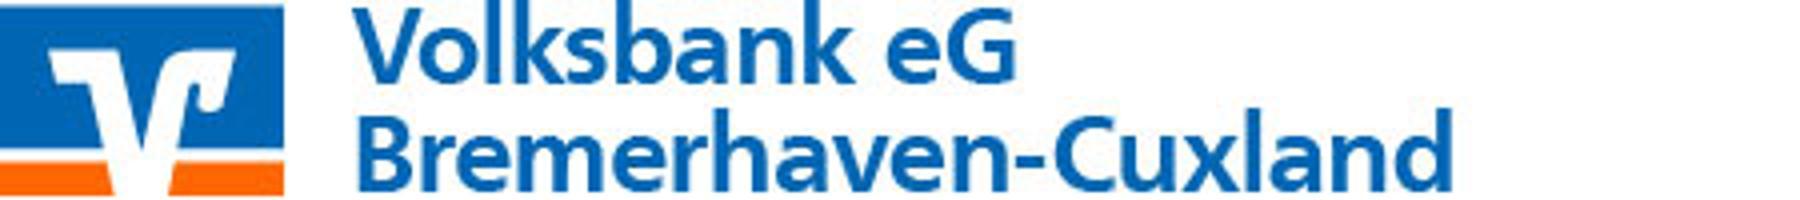 Volksbank eG Bremerhaven-Cuxland, Geschäftsstelle Wehdel